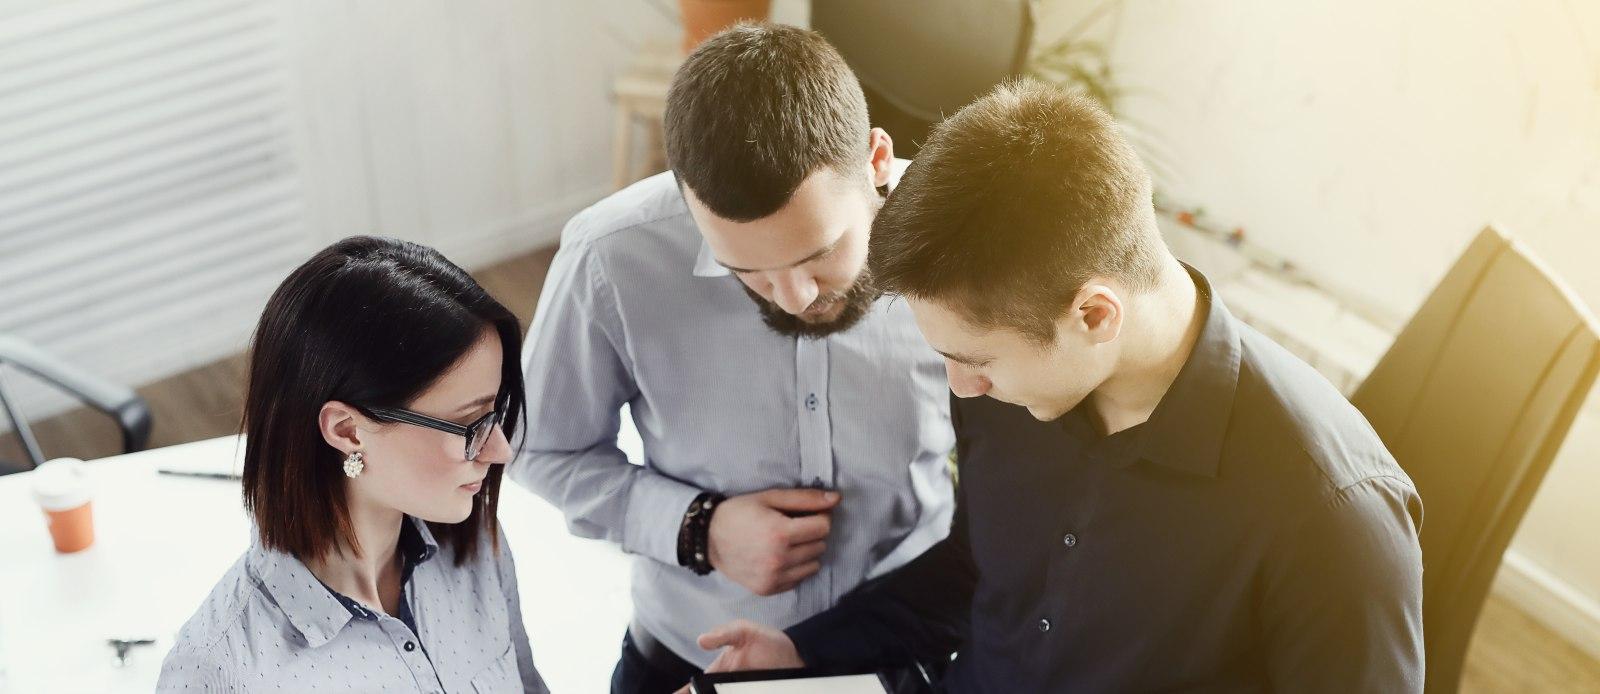 Administrador de edificios: consejos para conseguir al mejor